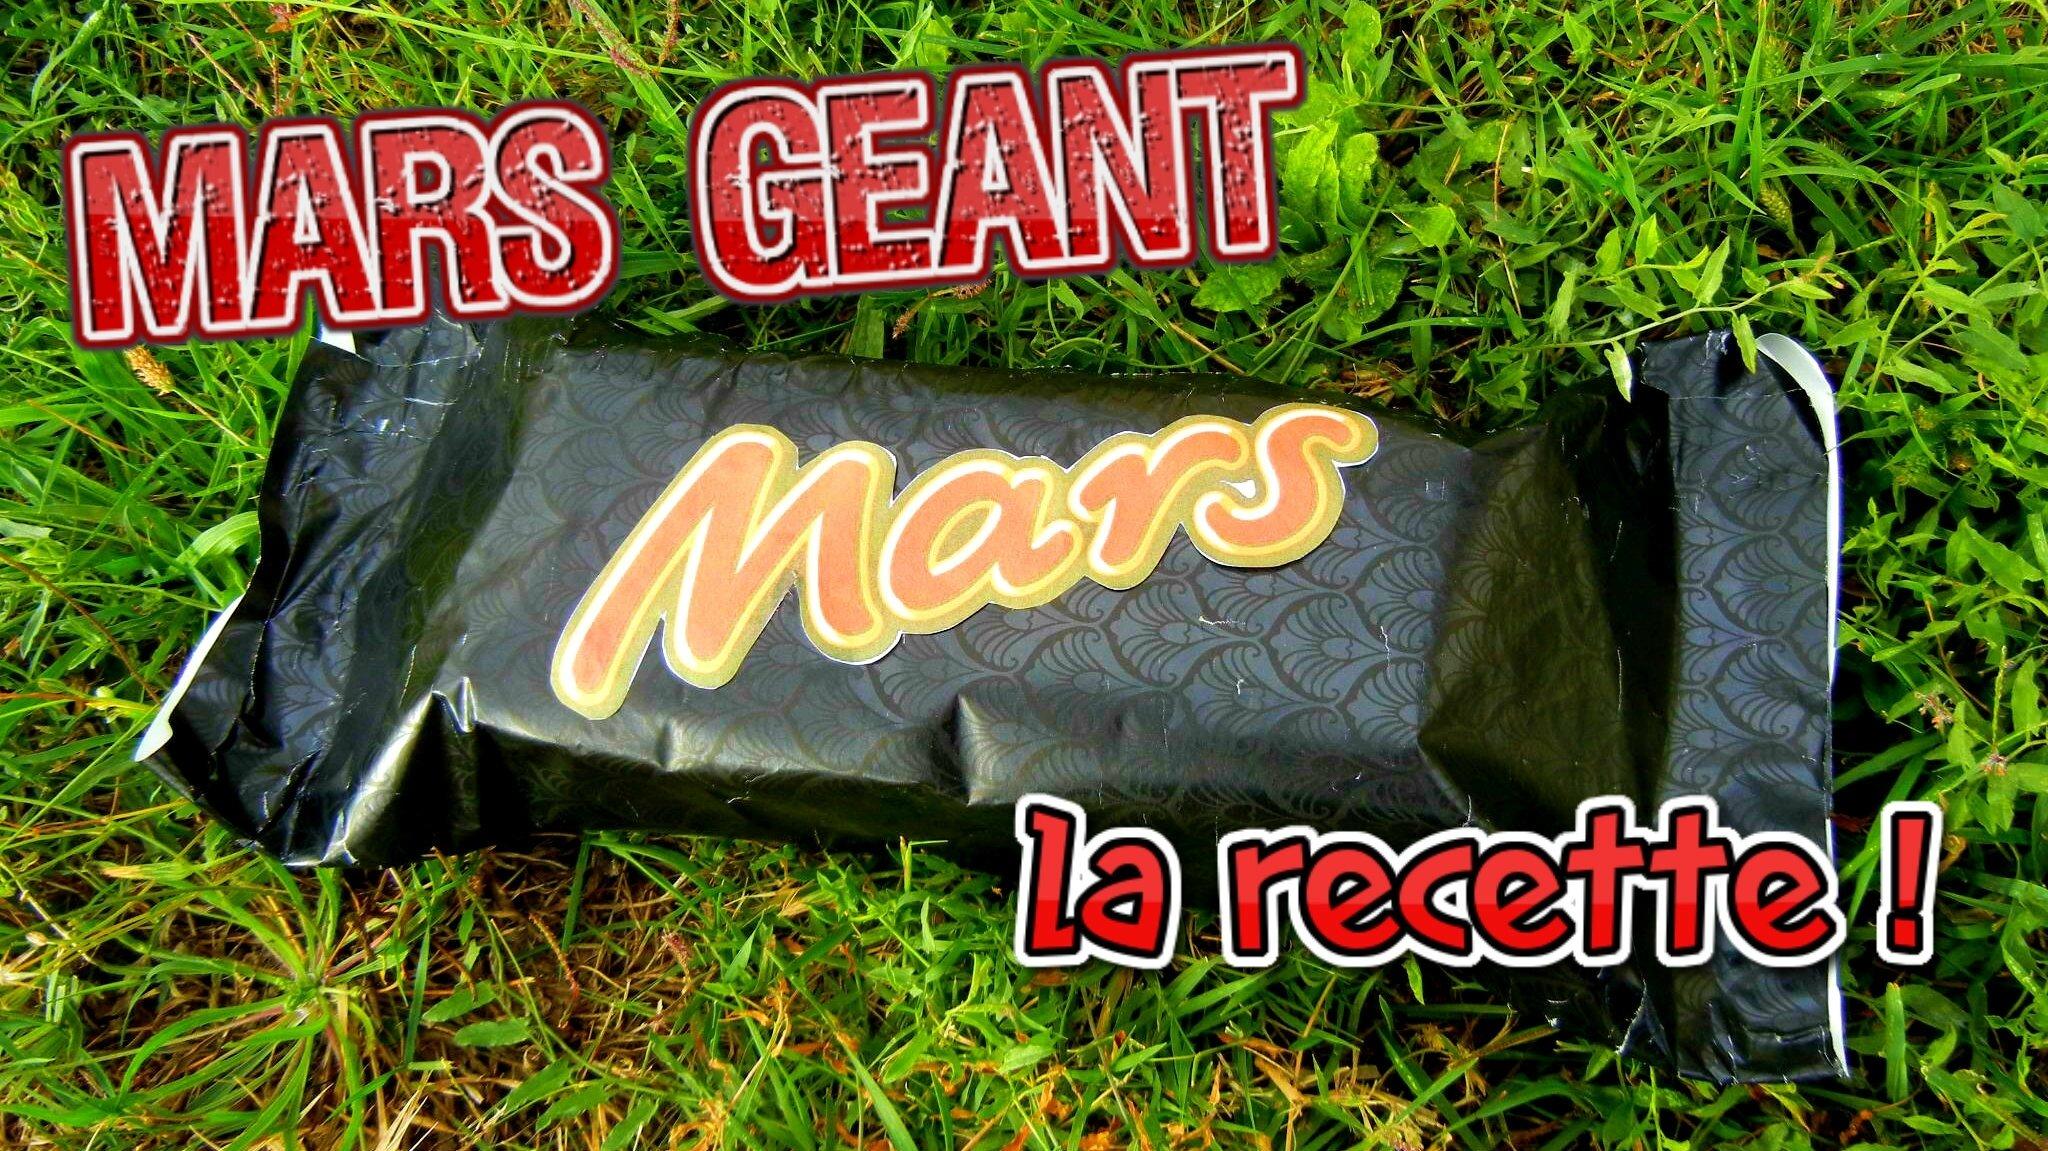 Recette du Mars Géant